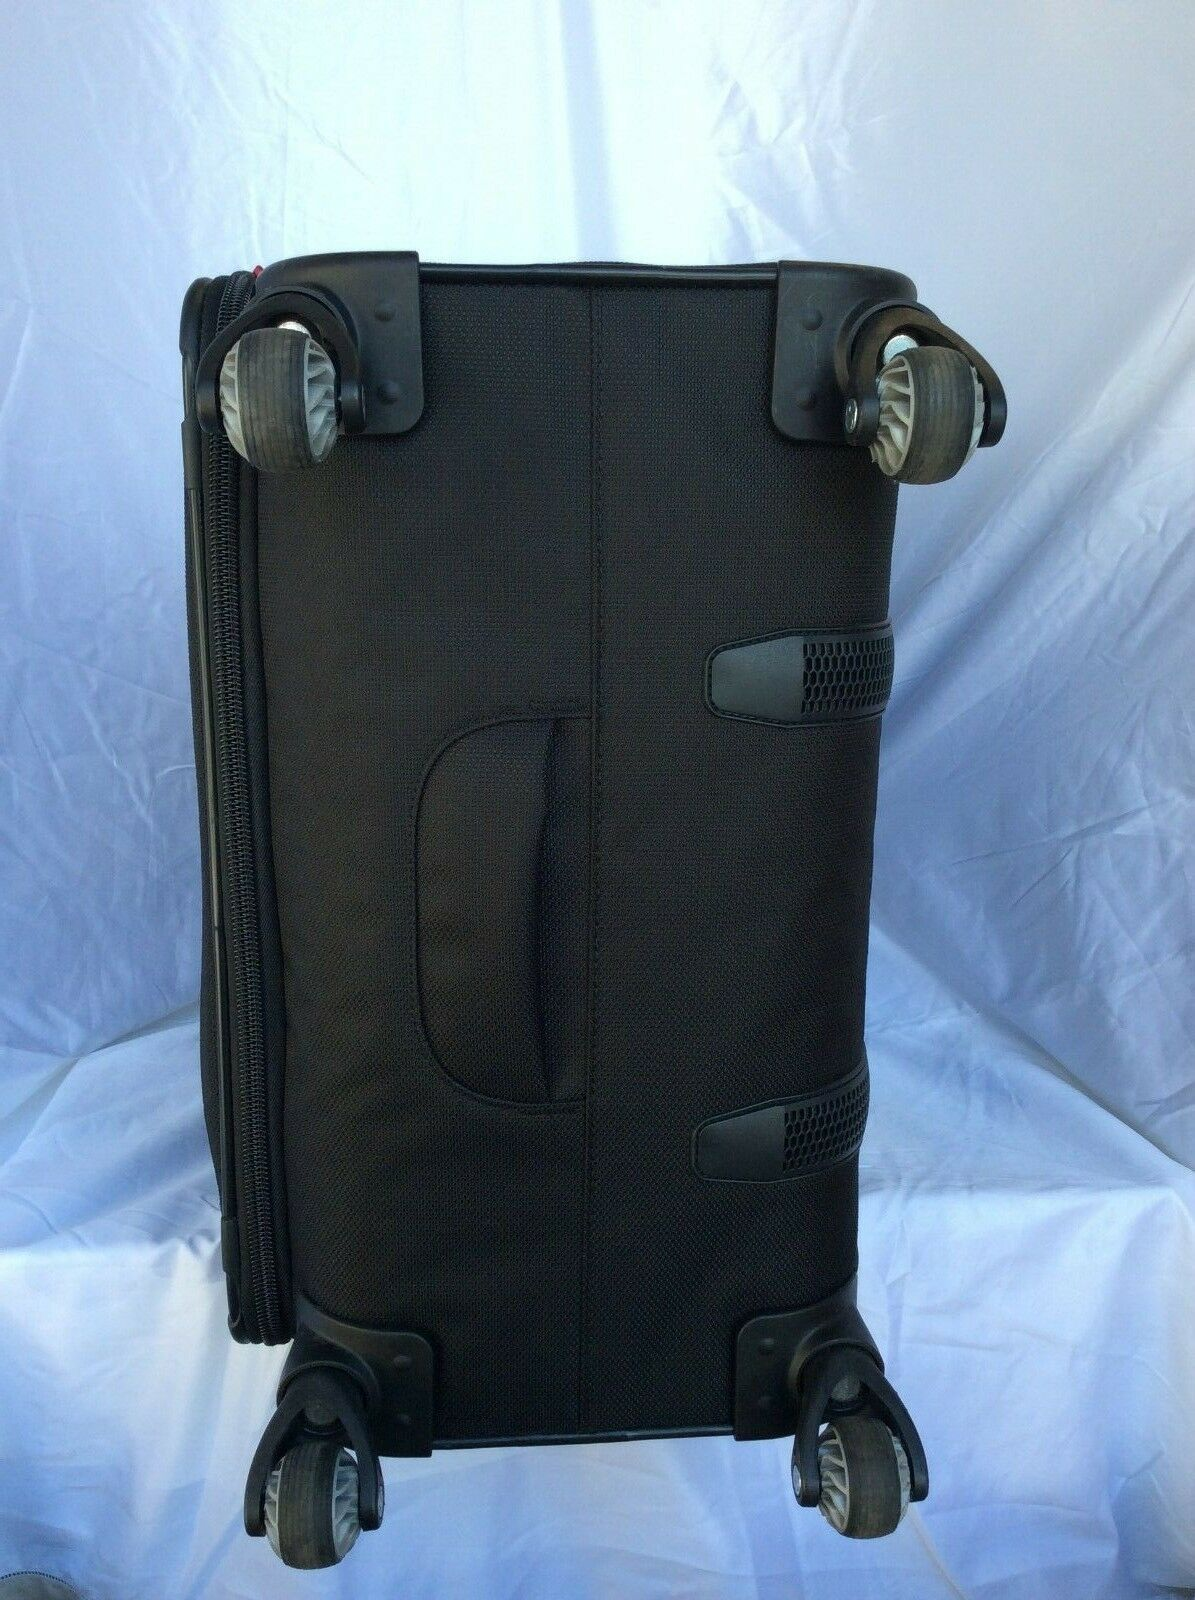 Samsonite Softside Spinner Suitcase